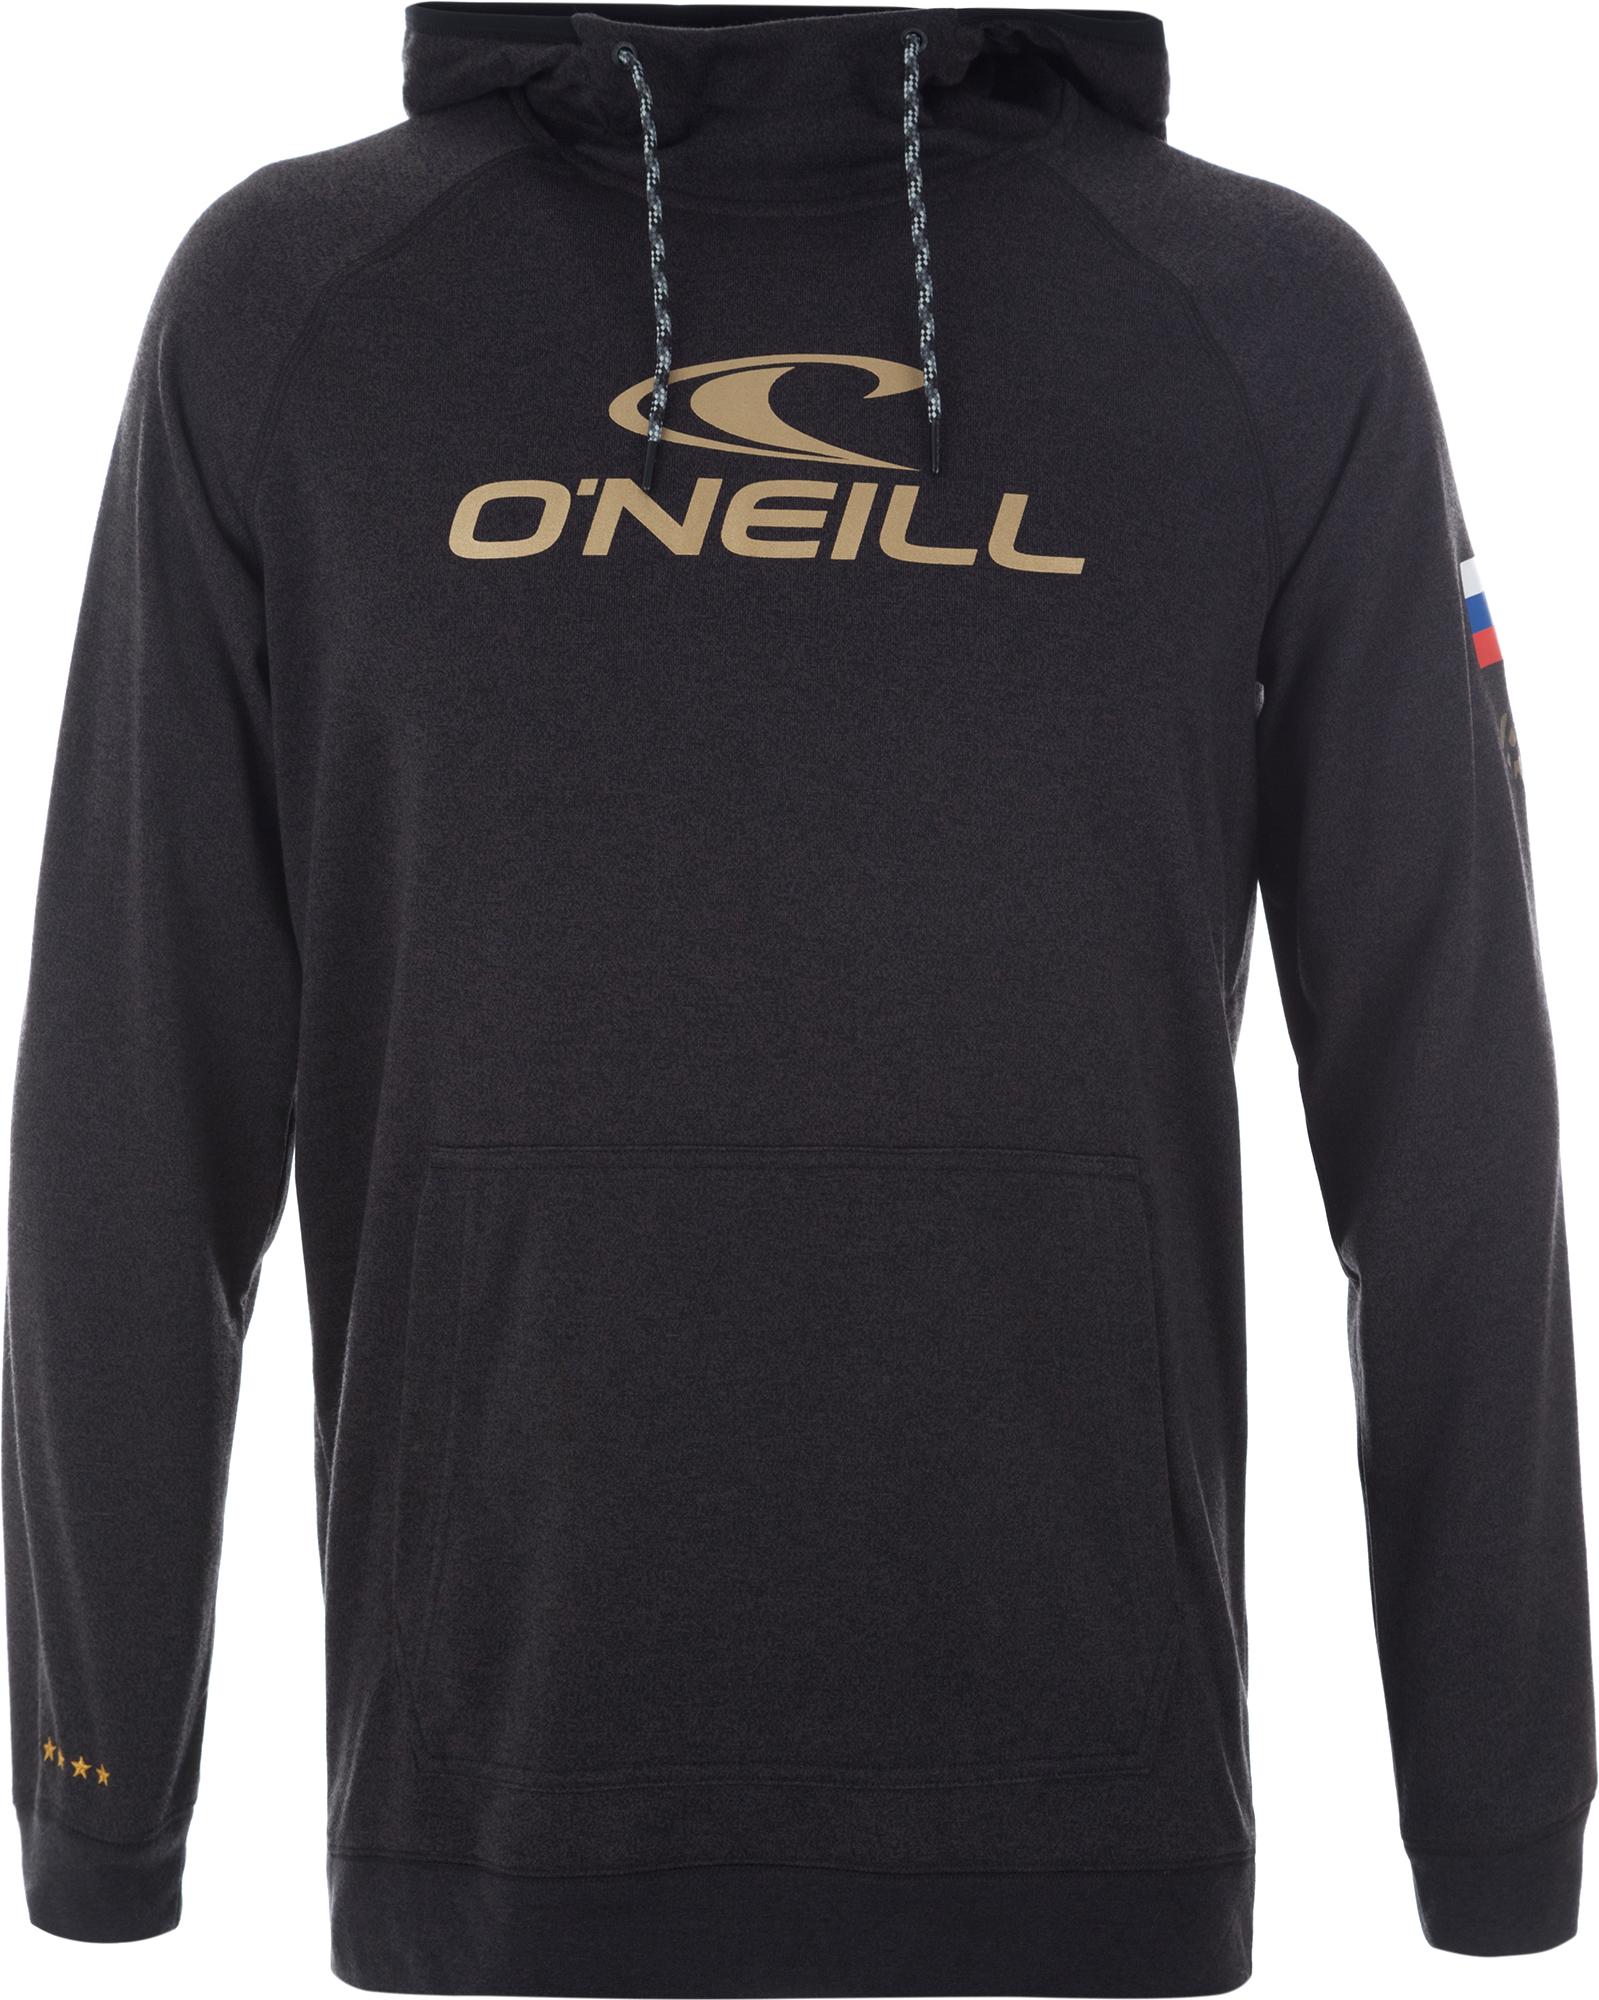 O'Neill Джемпер мужской O'Neill Olympic